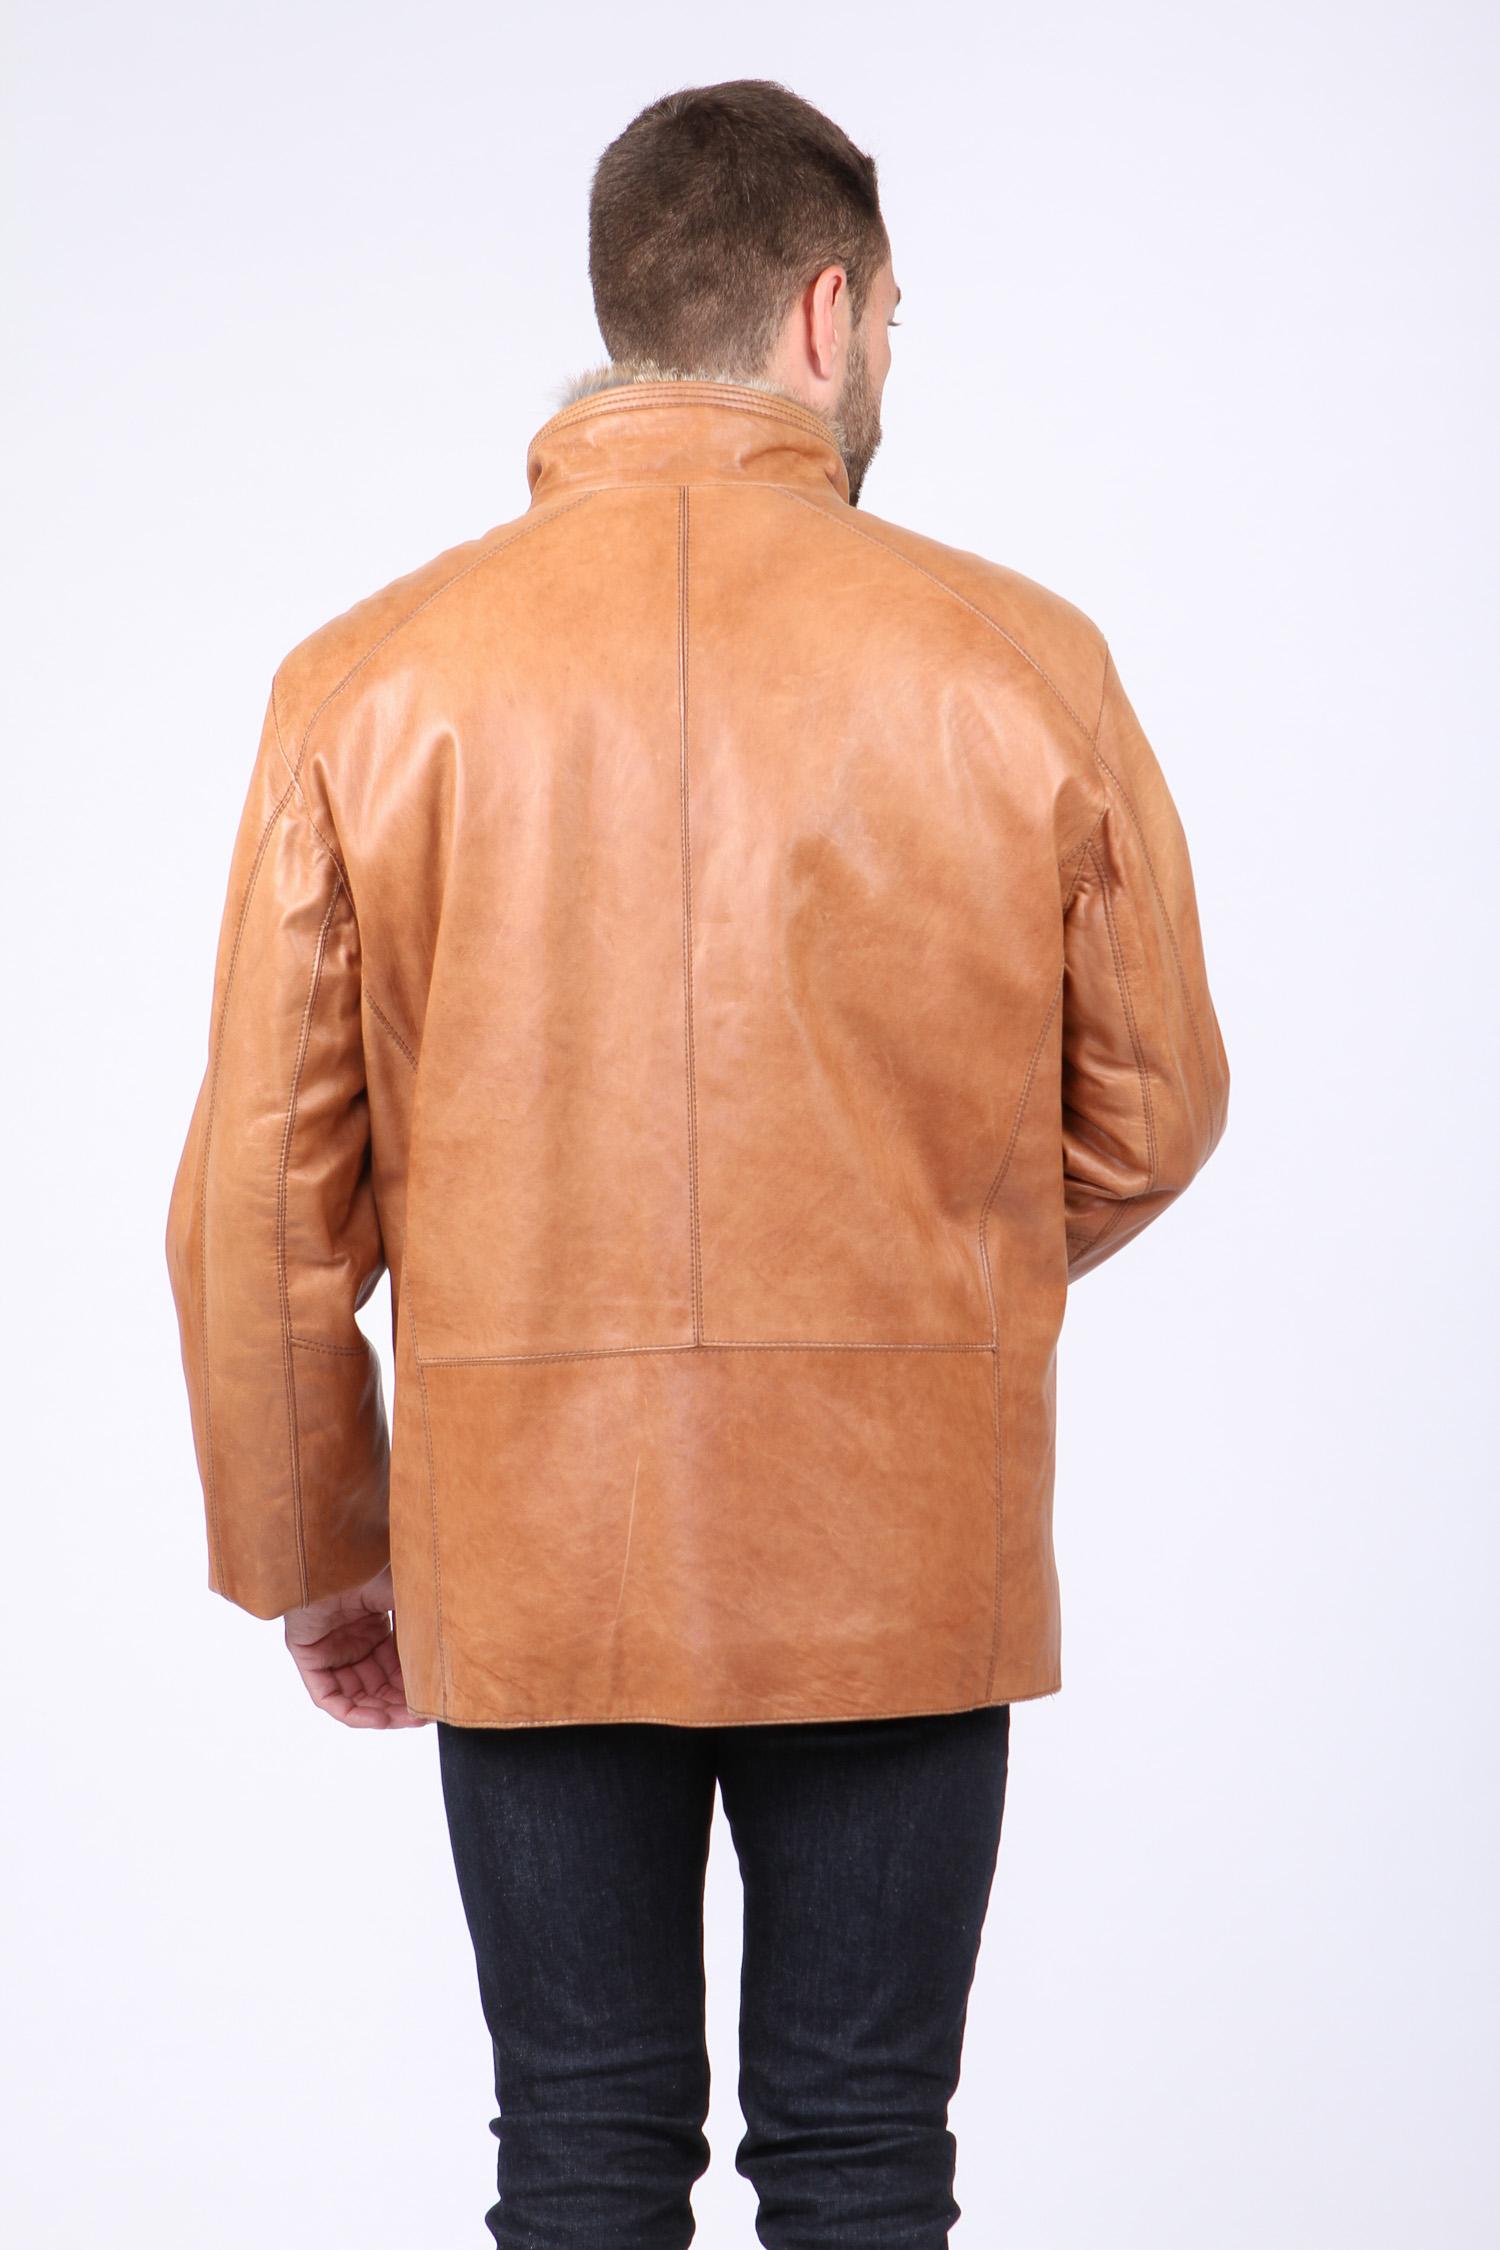 Мужская кожаная куртка из натуральной кожи на меху с воротником, без отделки от Московская Меховая Компания